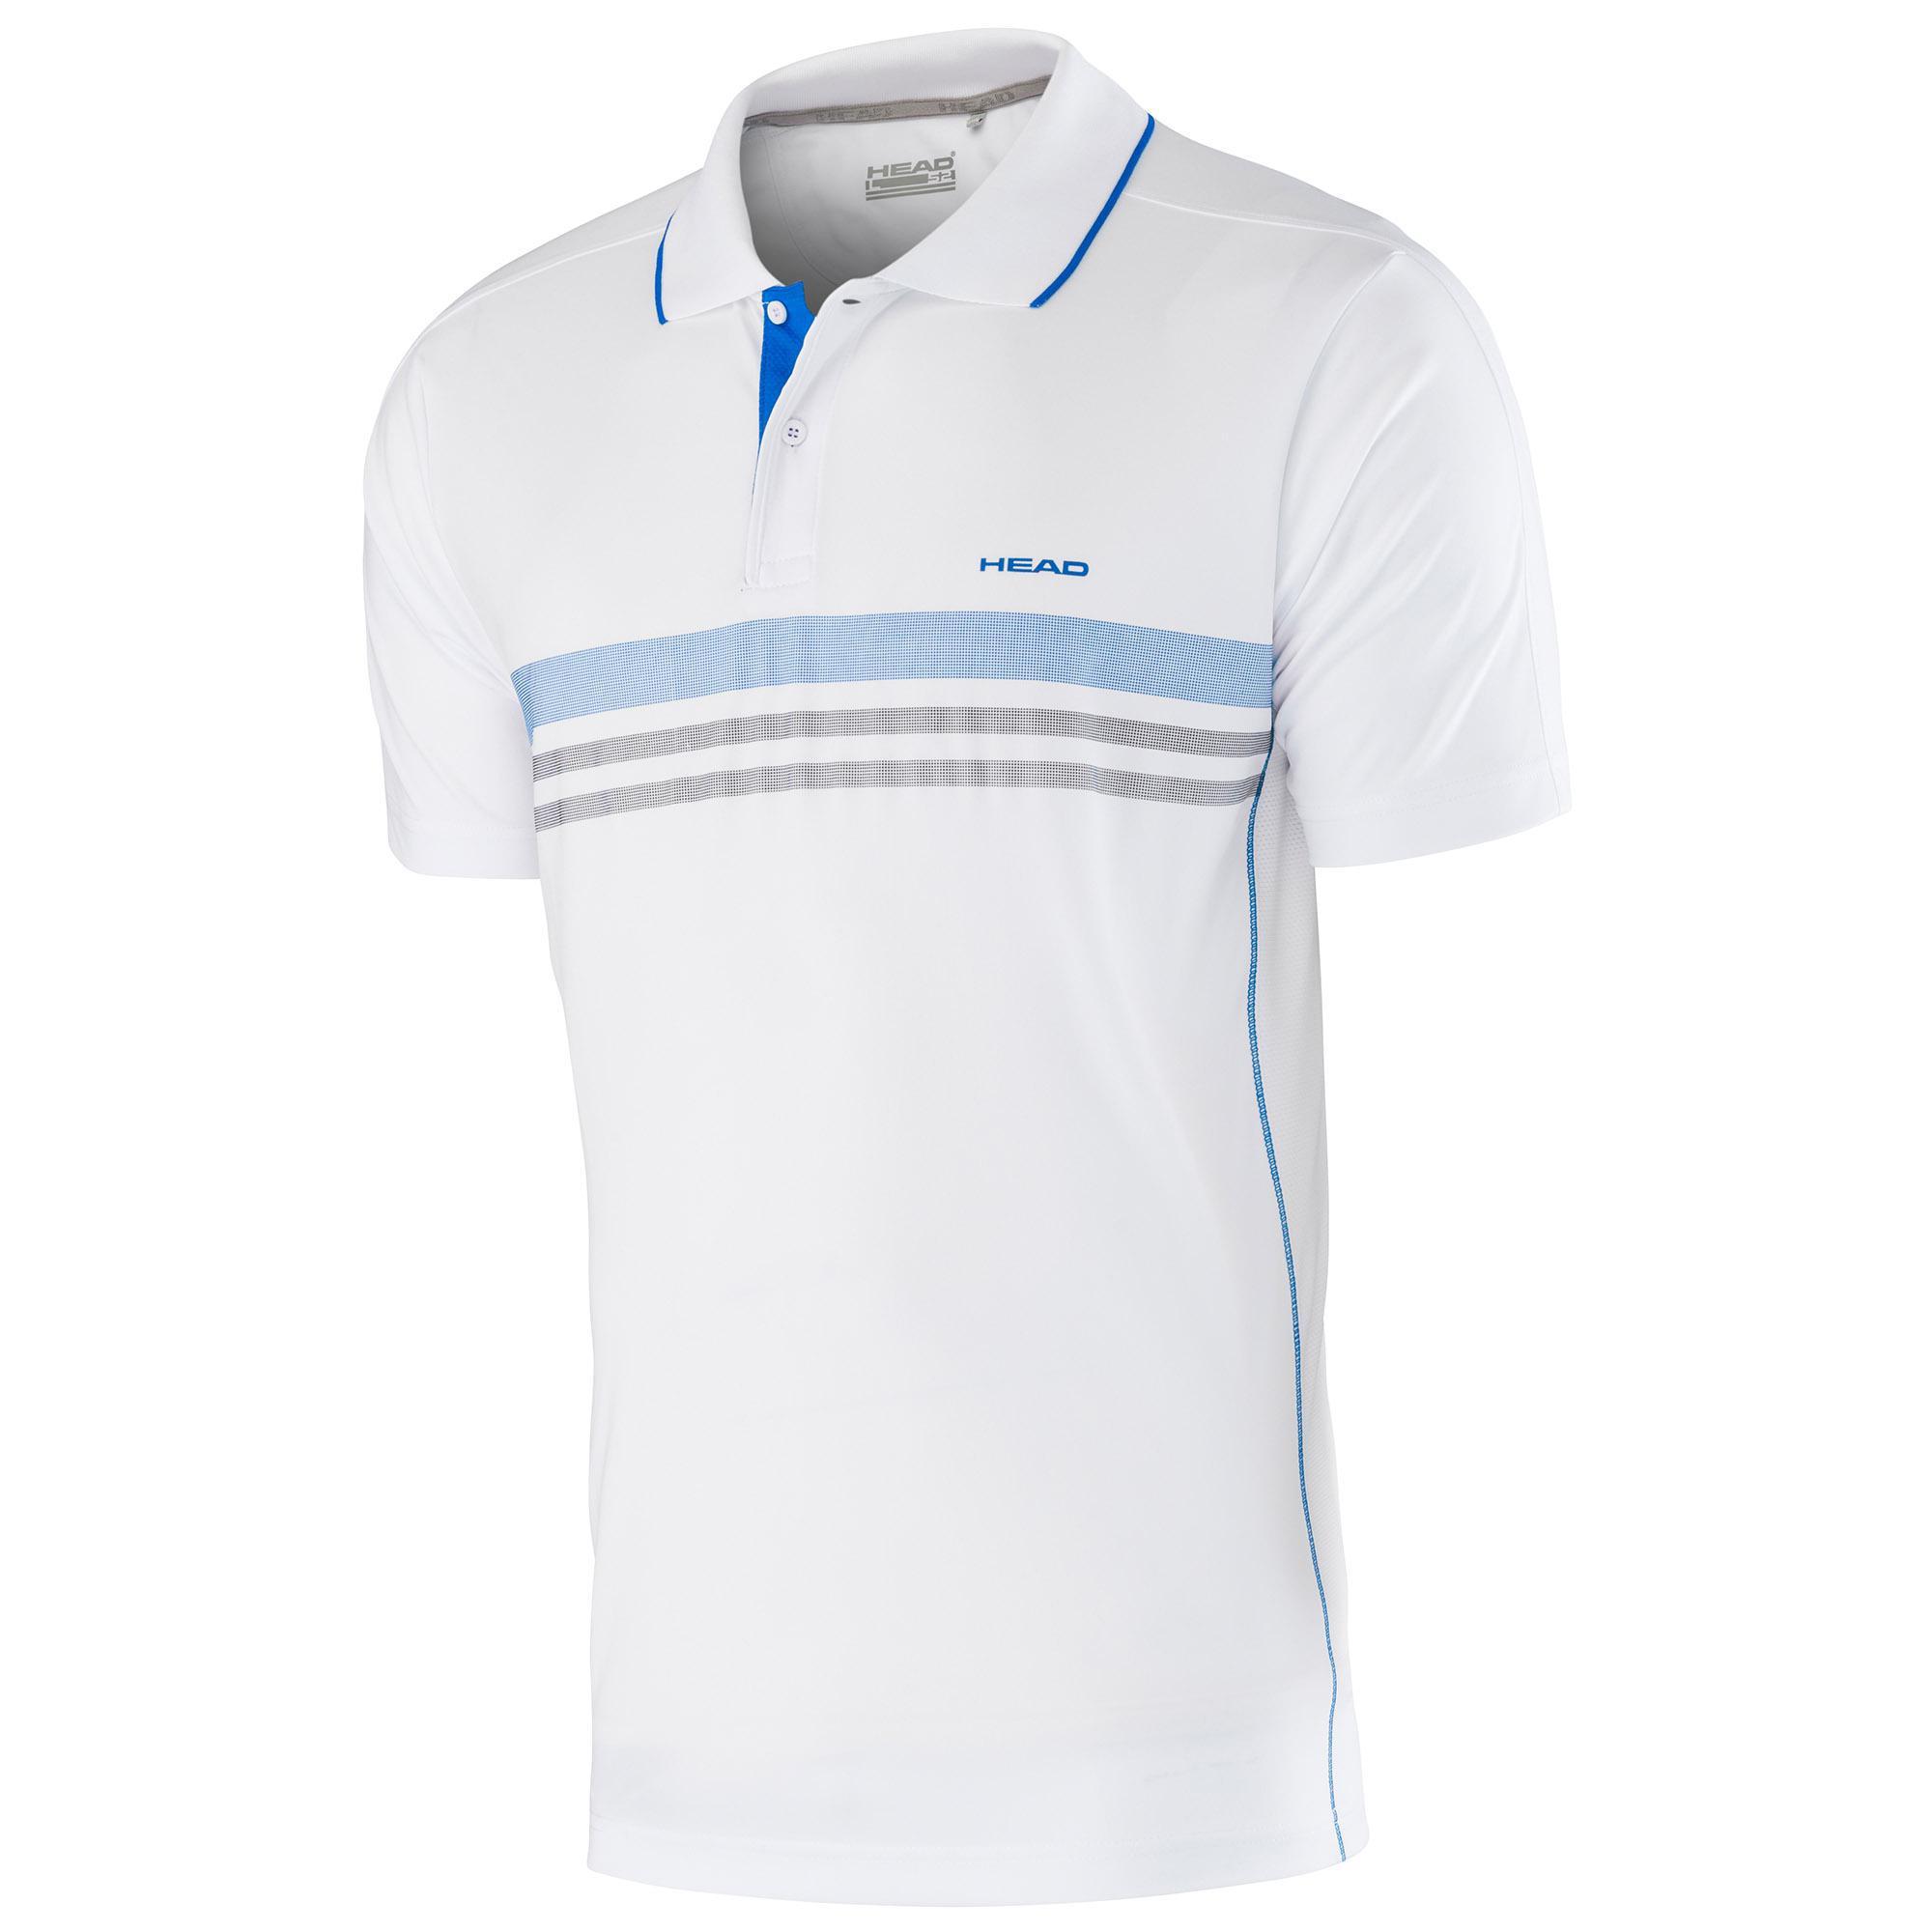 Head Club Polo Shirt Technica Bianco-Blu Bambino